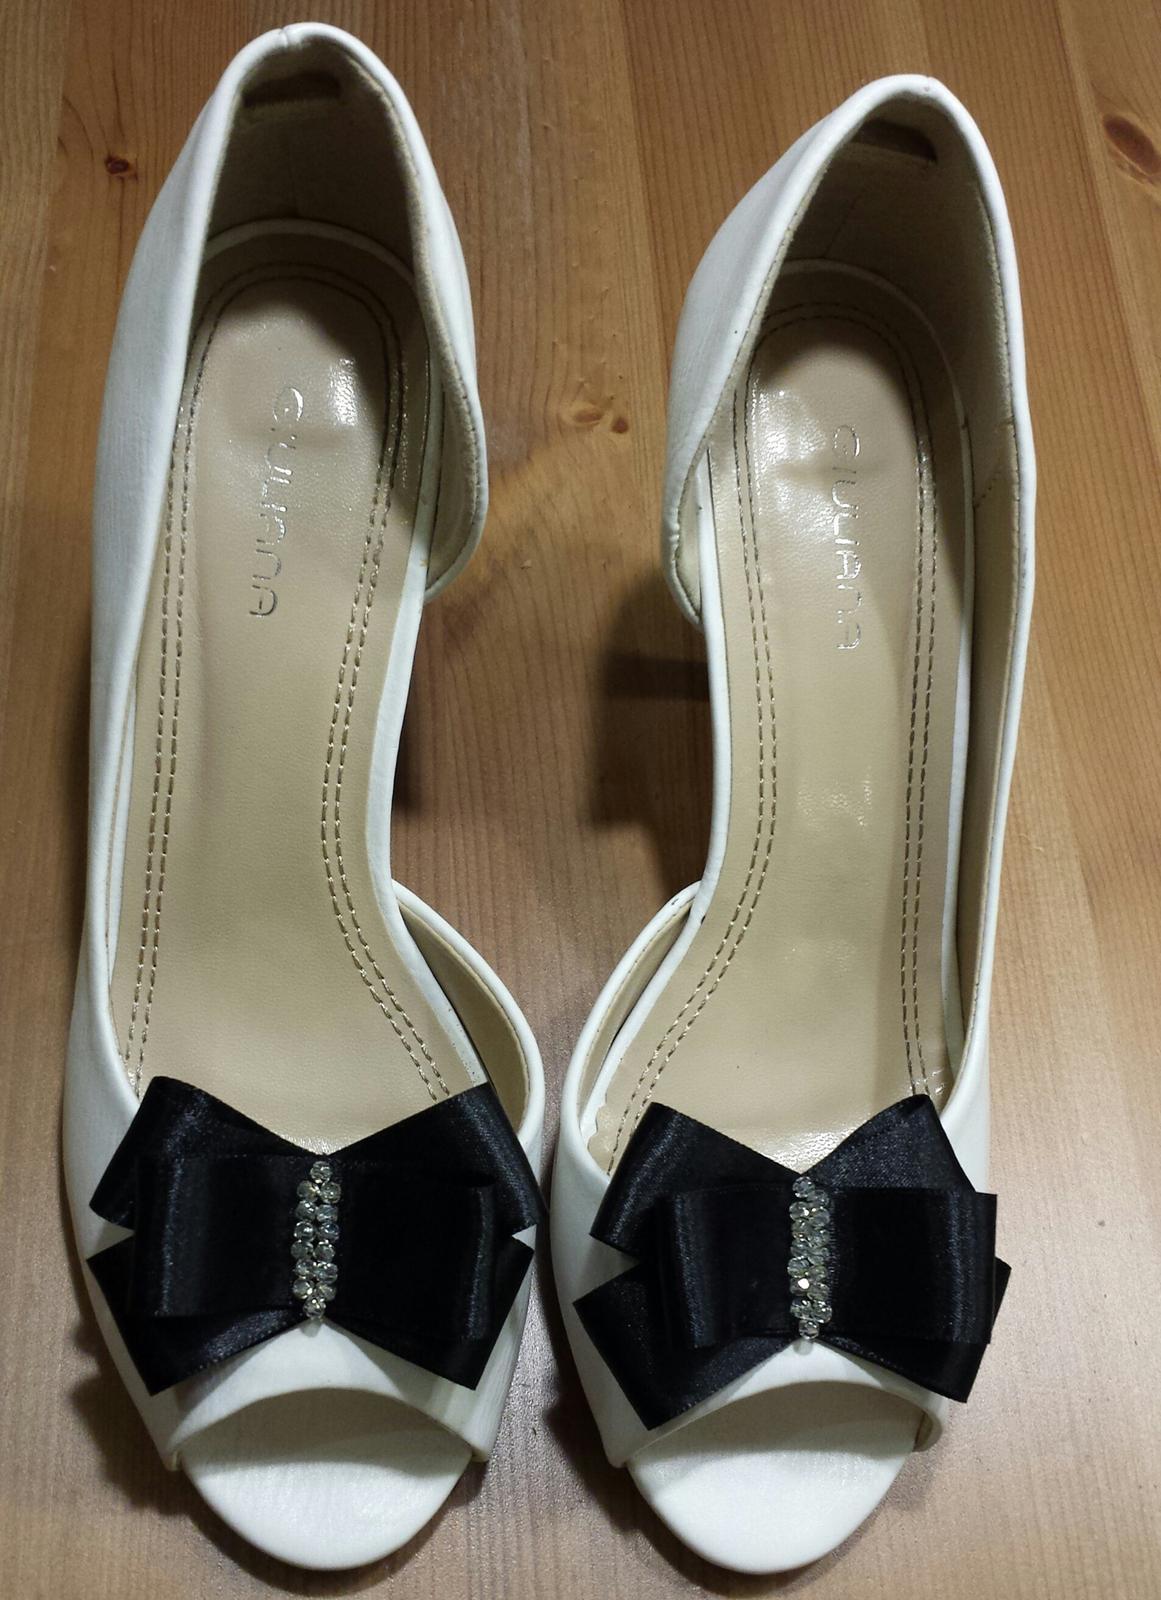 Klipy na boty pro nevěstu s ČERNOU mašličkou - Obrázek č. 4